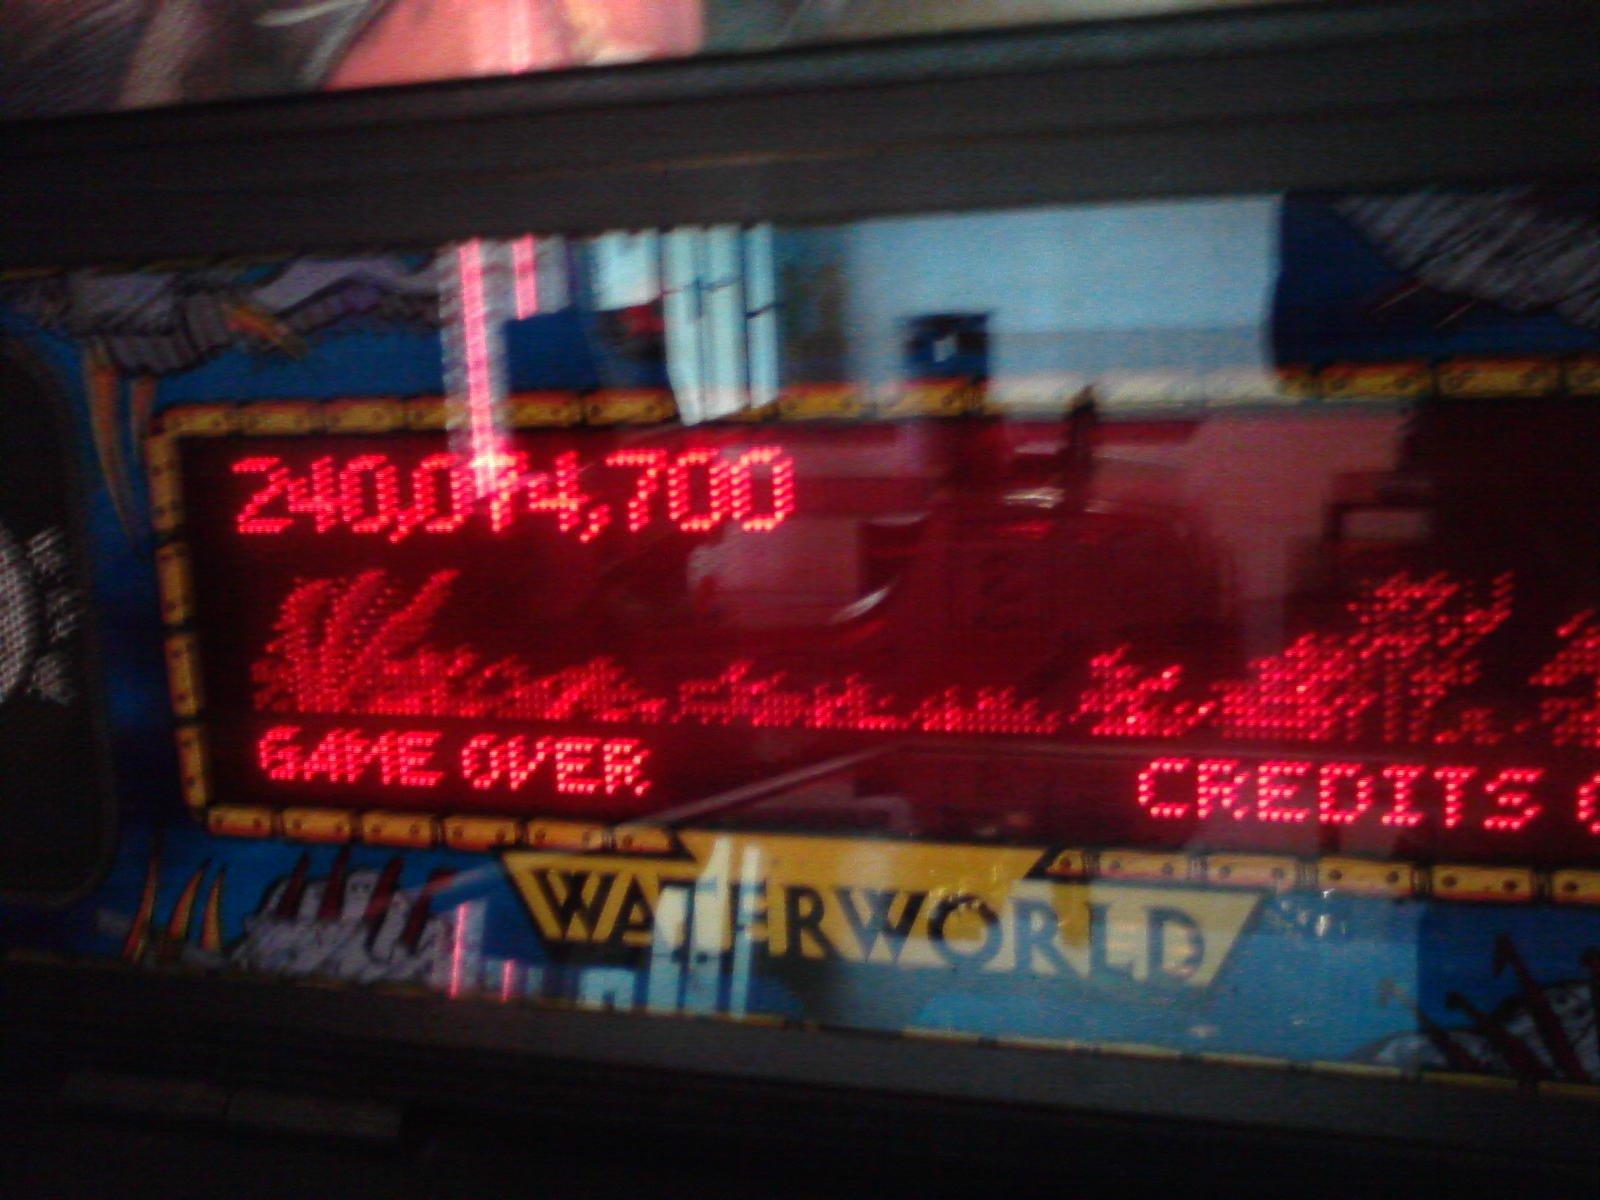 Samhain2099: Waterworld (Pinball: 3 Balls) 240,074,700 points on 2014-03-01 20:06:44